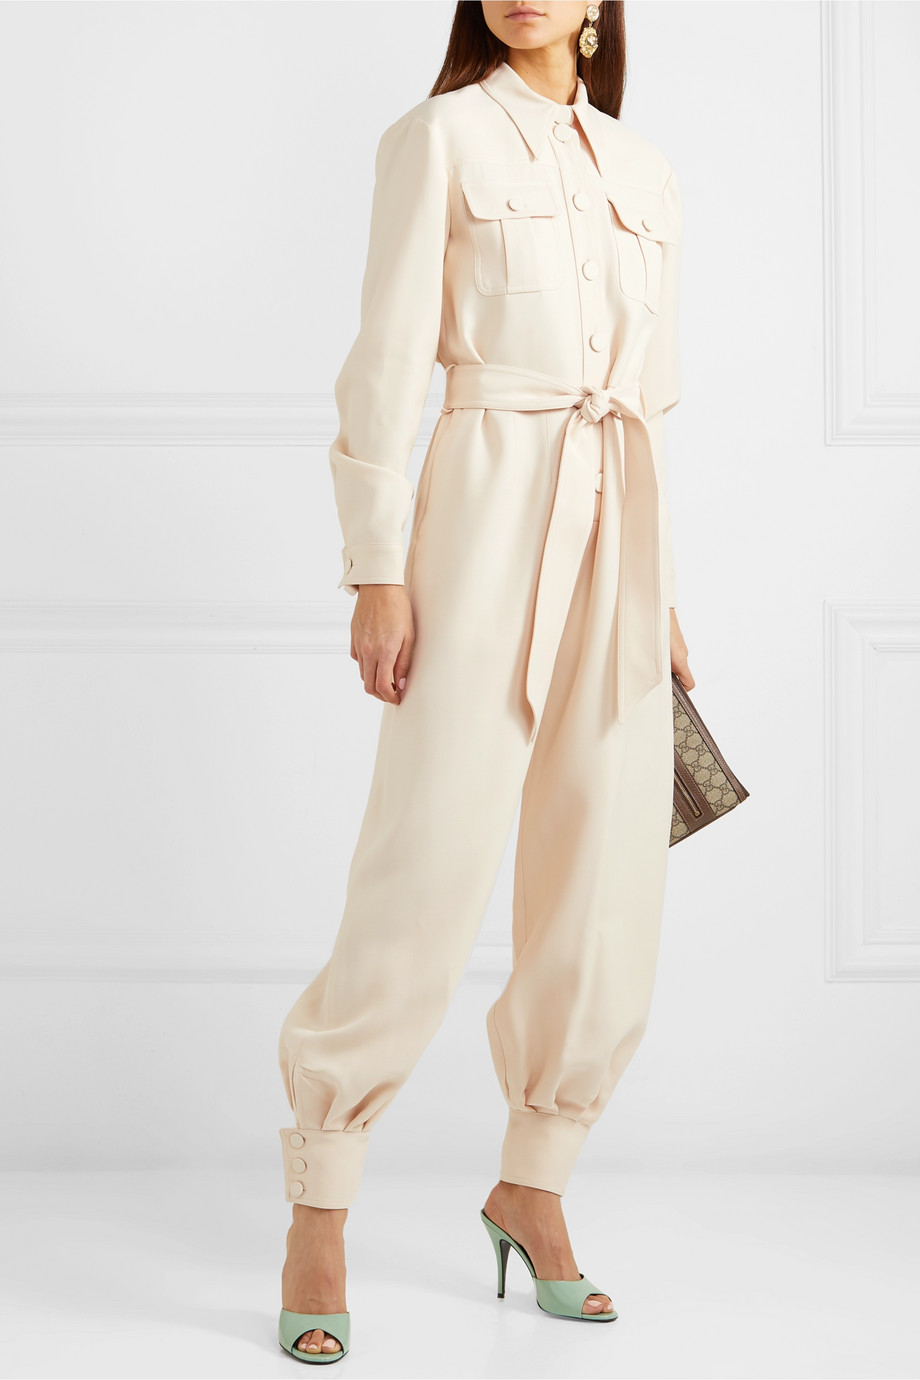 Gucci Jumpsuit aus Cady aus einer Woll-Seidenmischung mit Gürtel